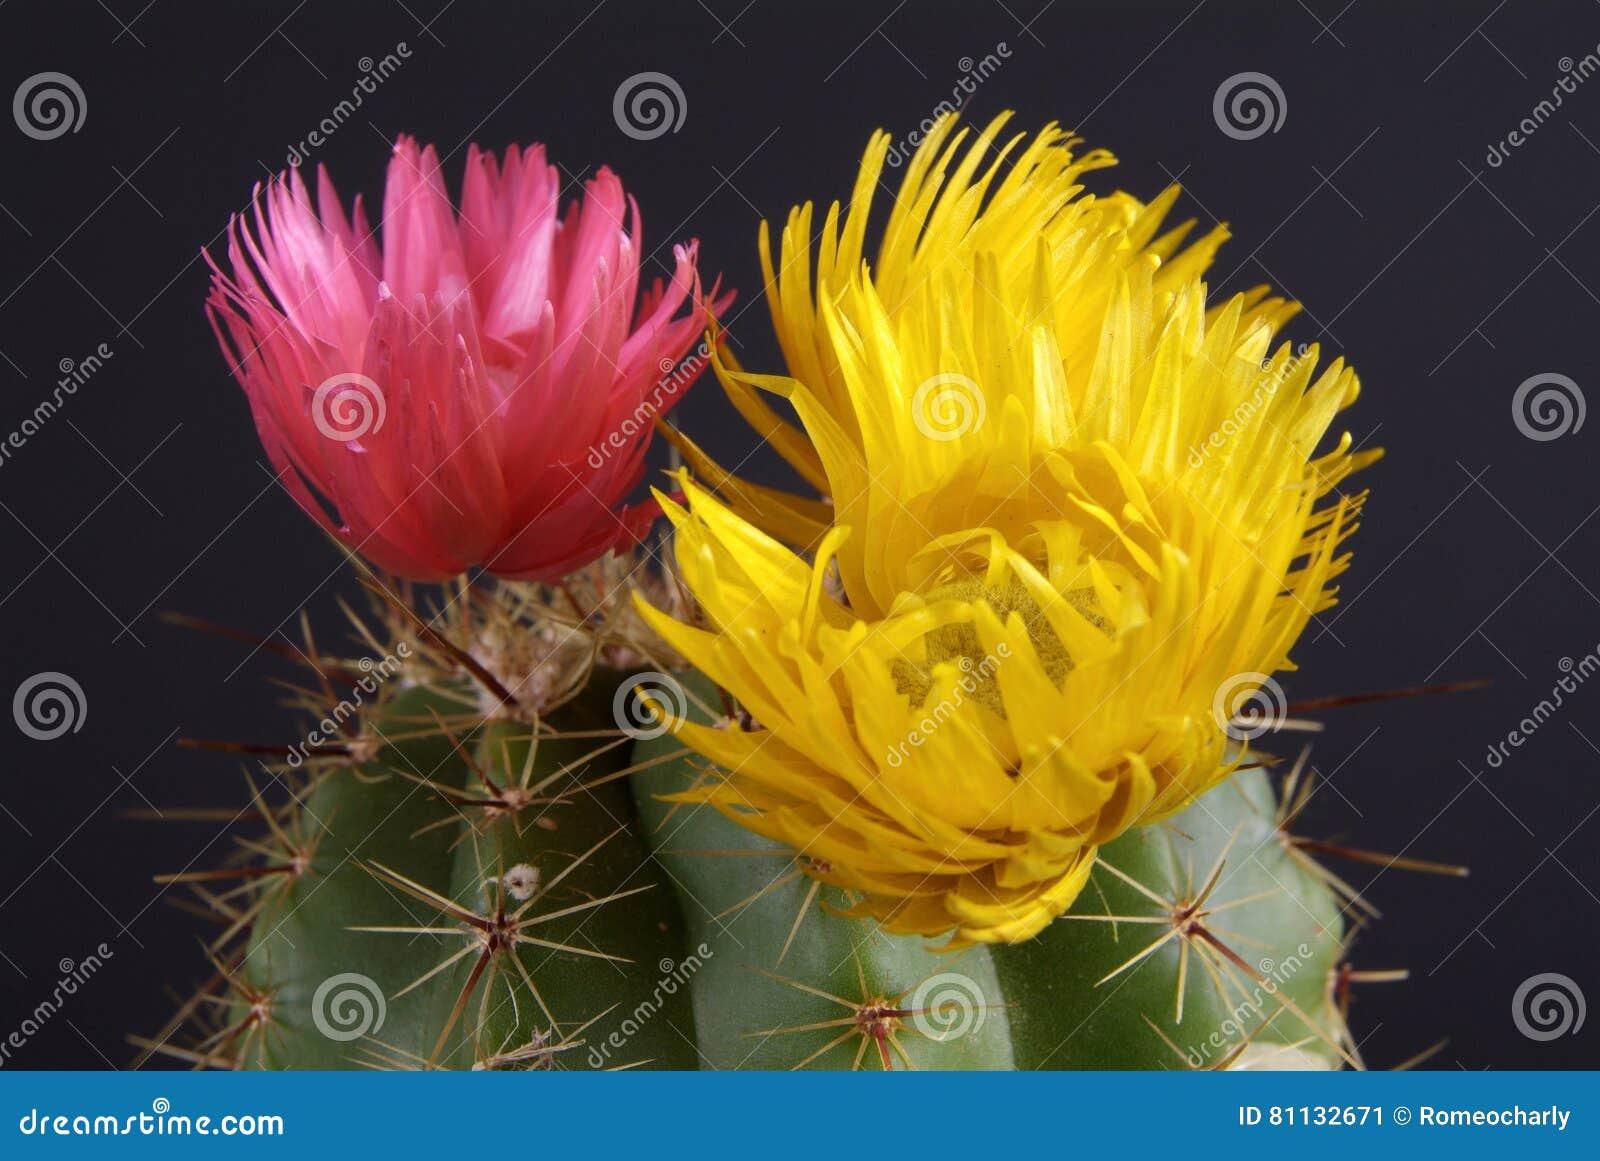 Fiori del cactus sul nero